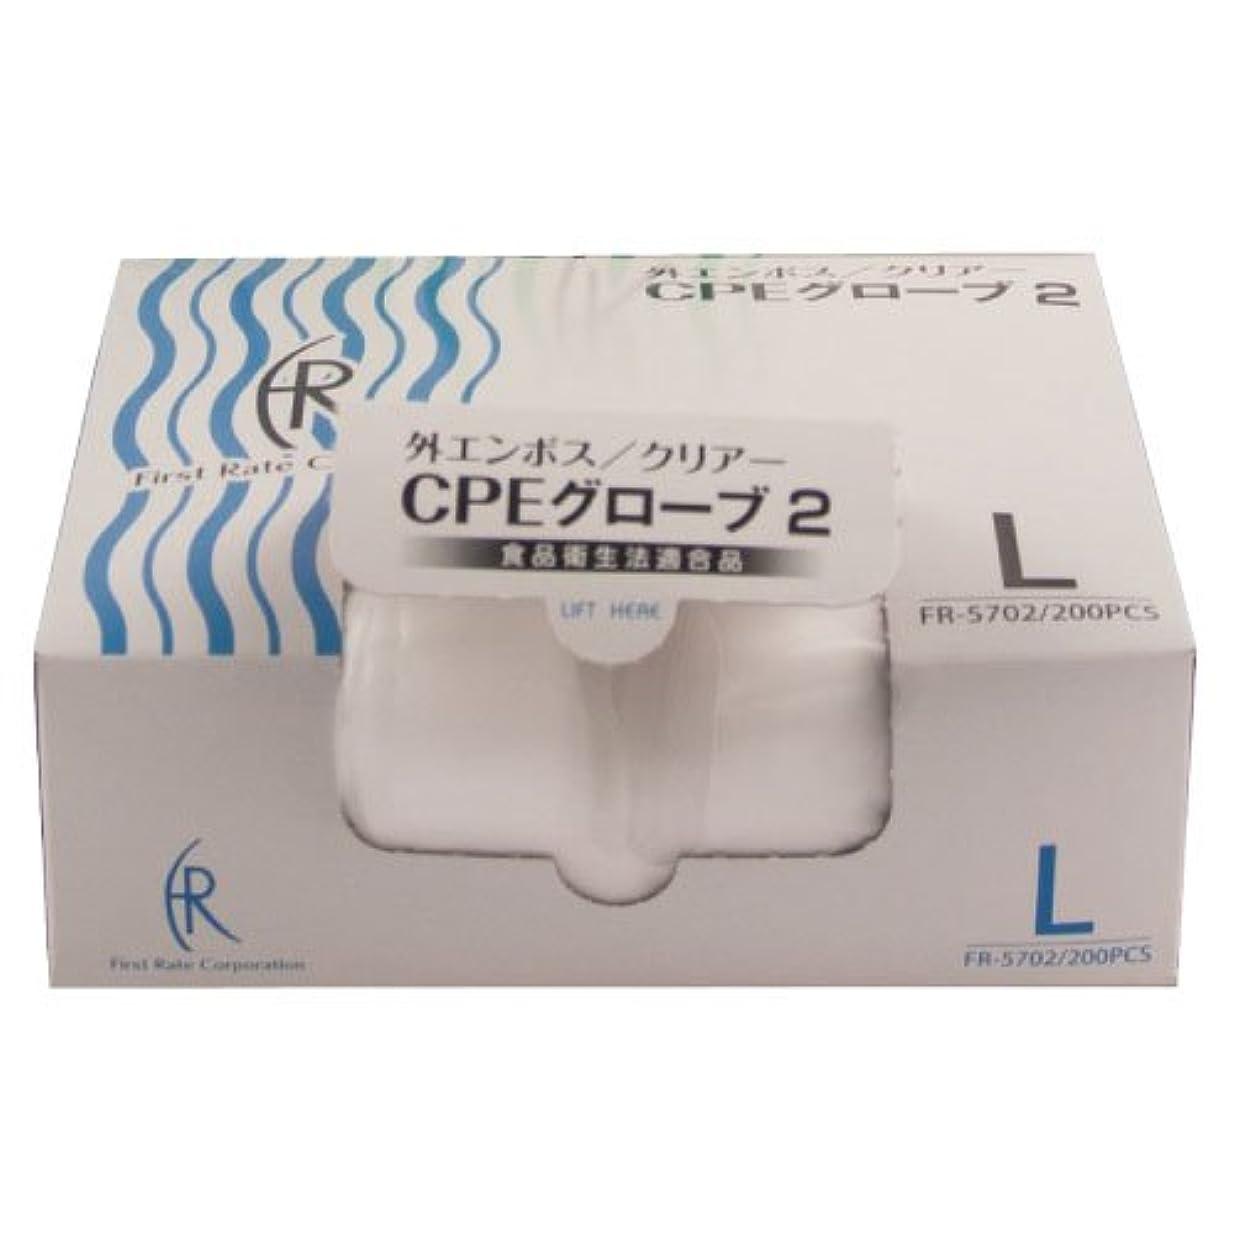 マガジン本資産ファーストレイト CPEグローブ2(透明) FR-5702(L)200マイイリ